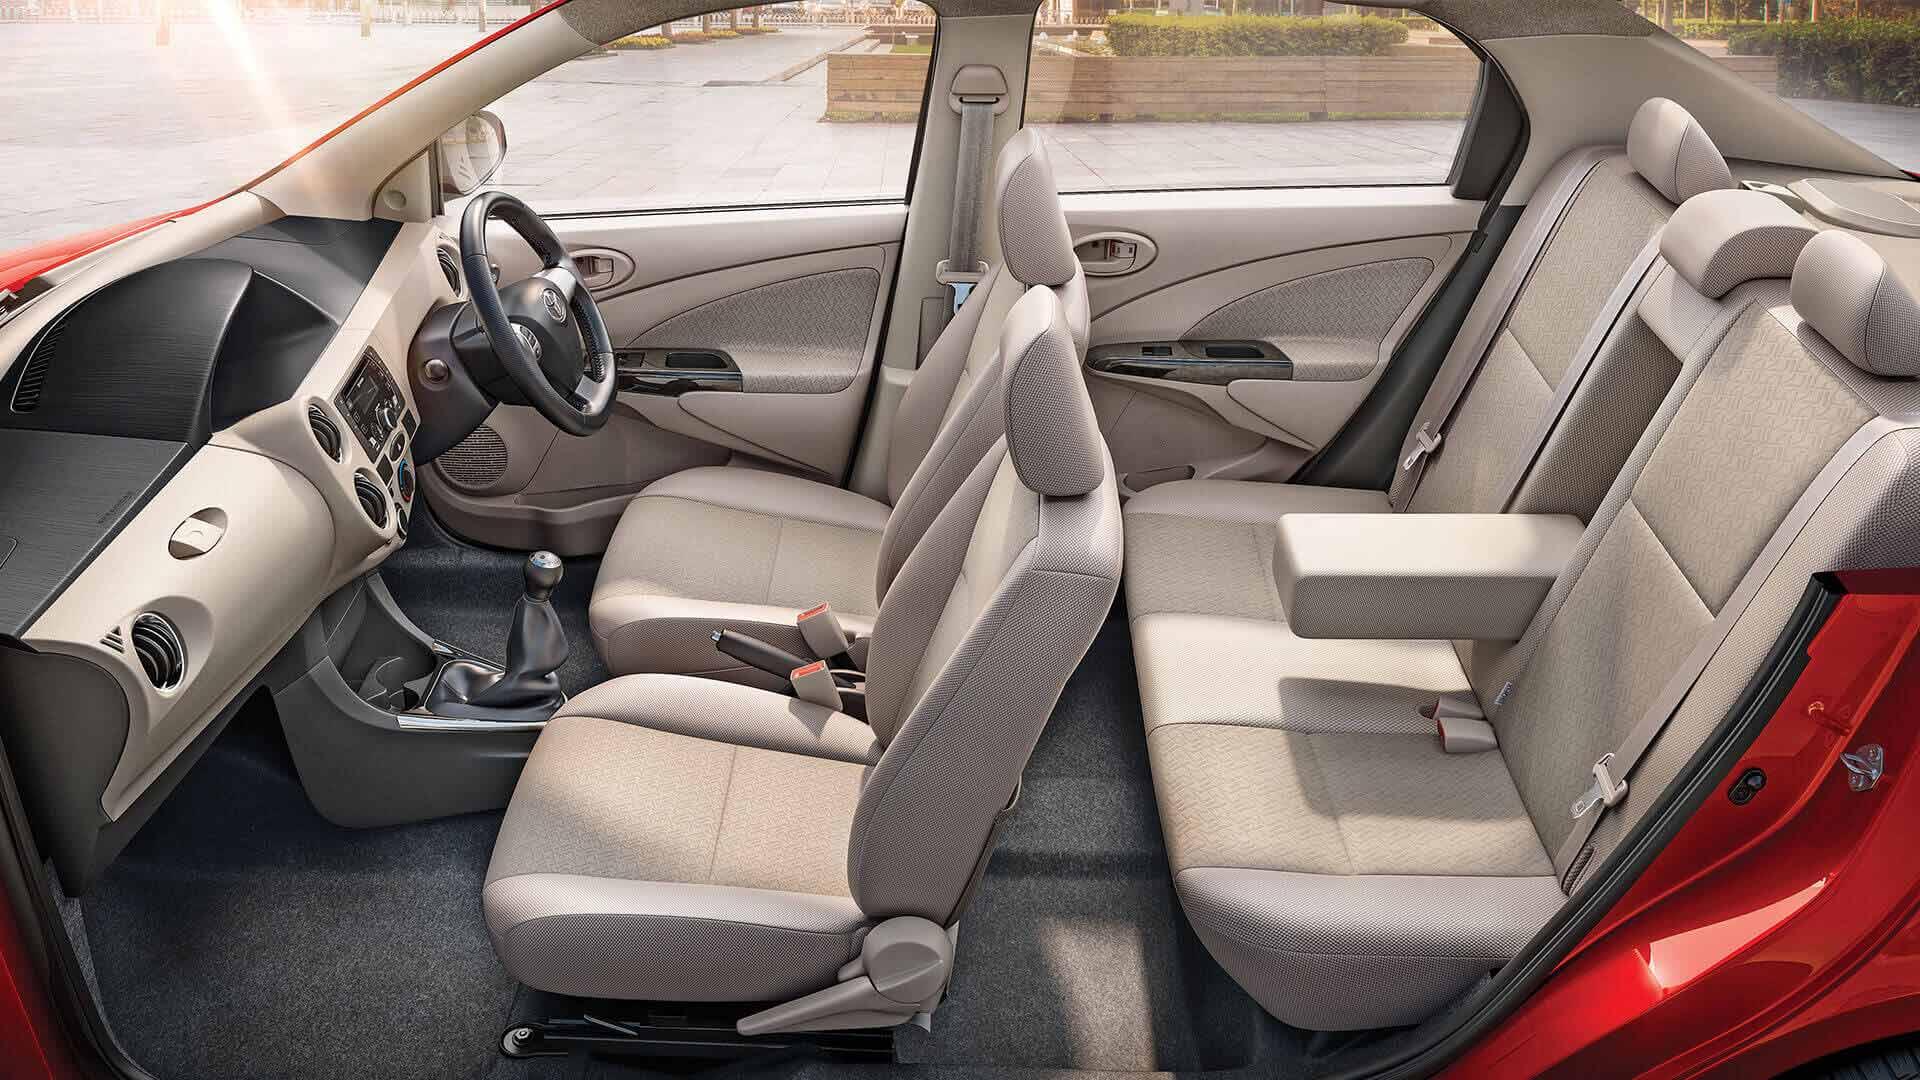 platinum-etios-new-interiors-3